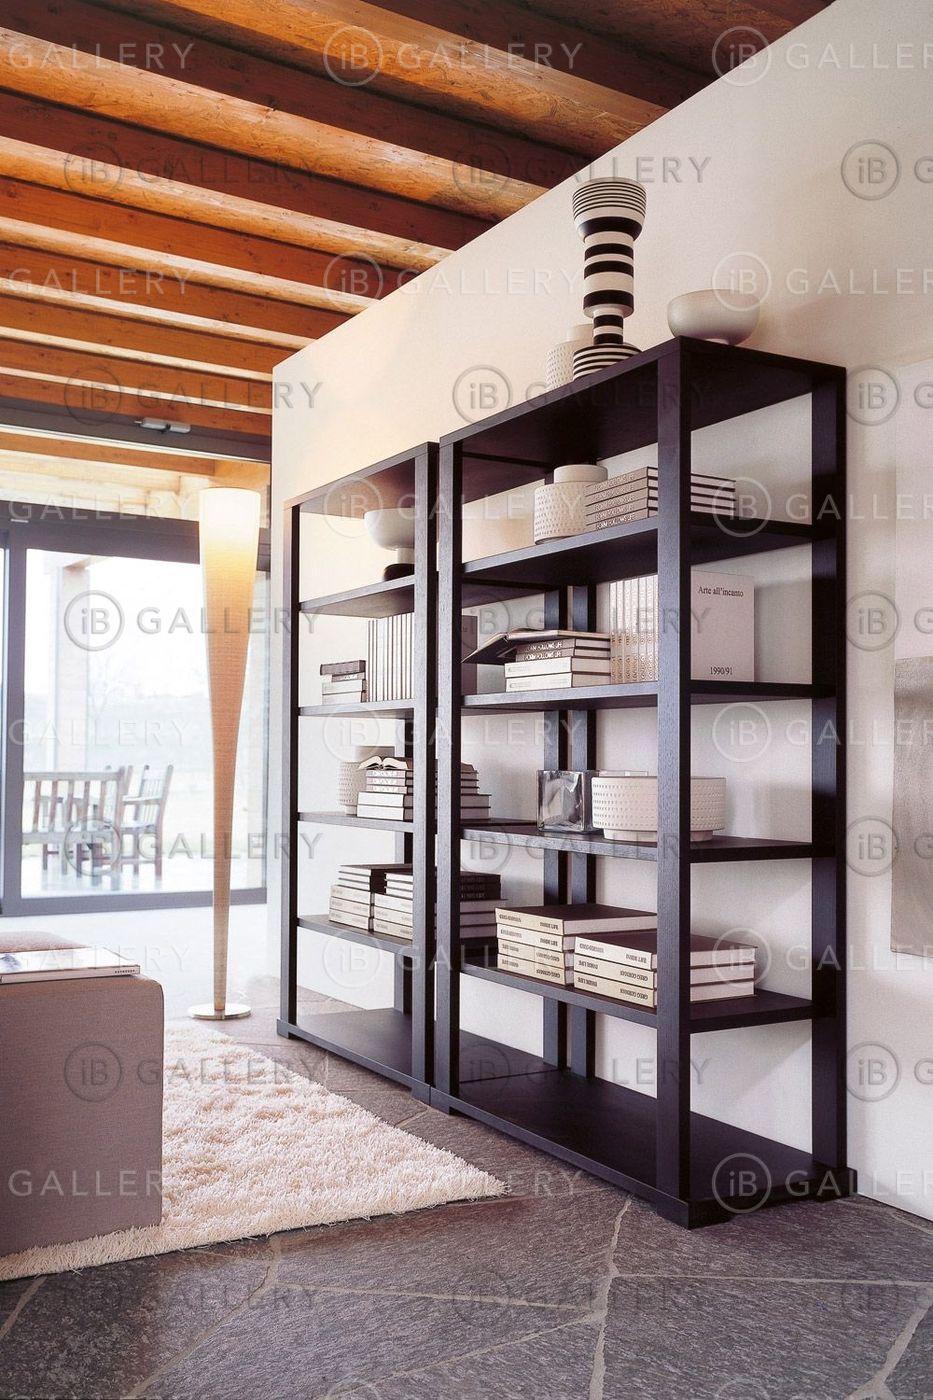 Книжный стеллаж porada bryant libreria из италии цена от 142.